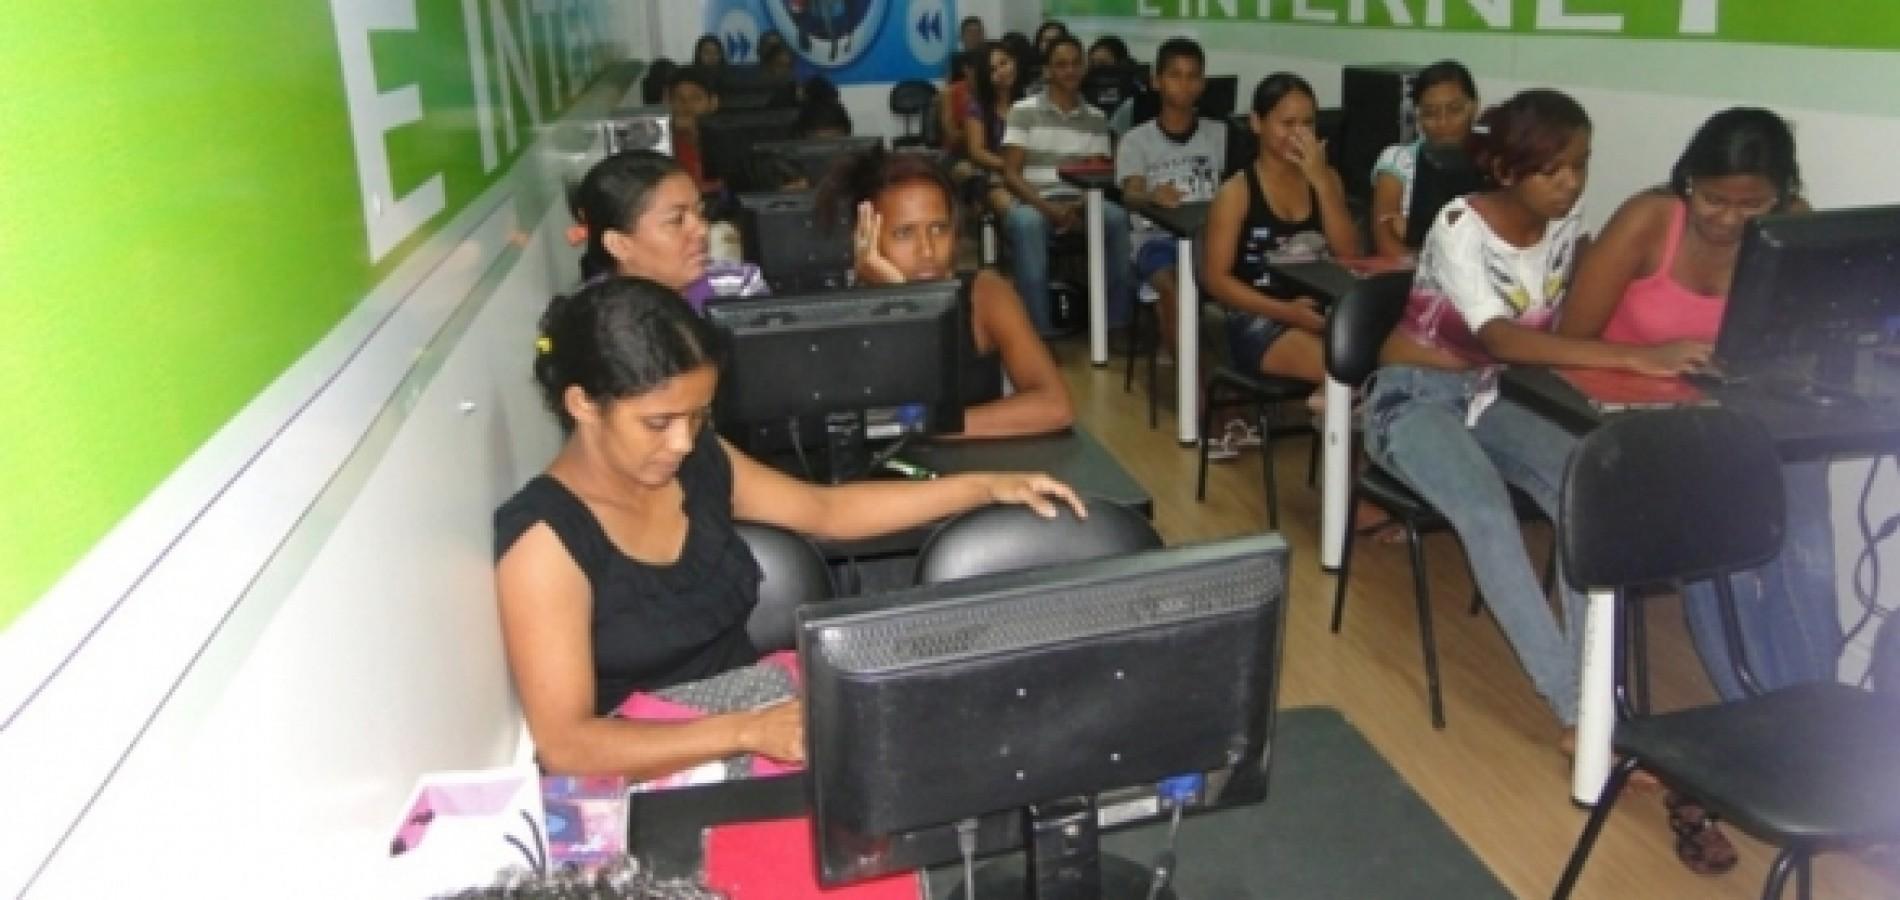 Caminhão Digital é reativado e leva qualificação na área de informática para as cidades do Piauí